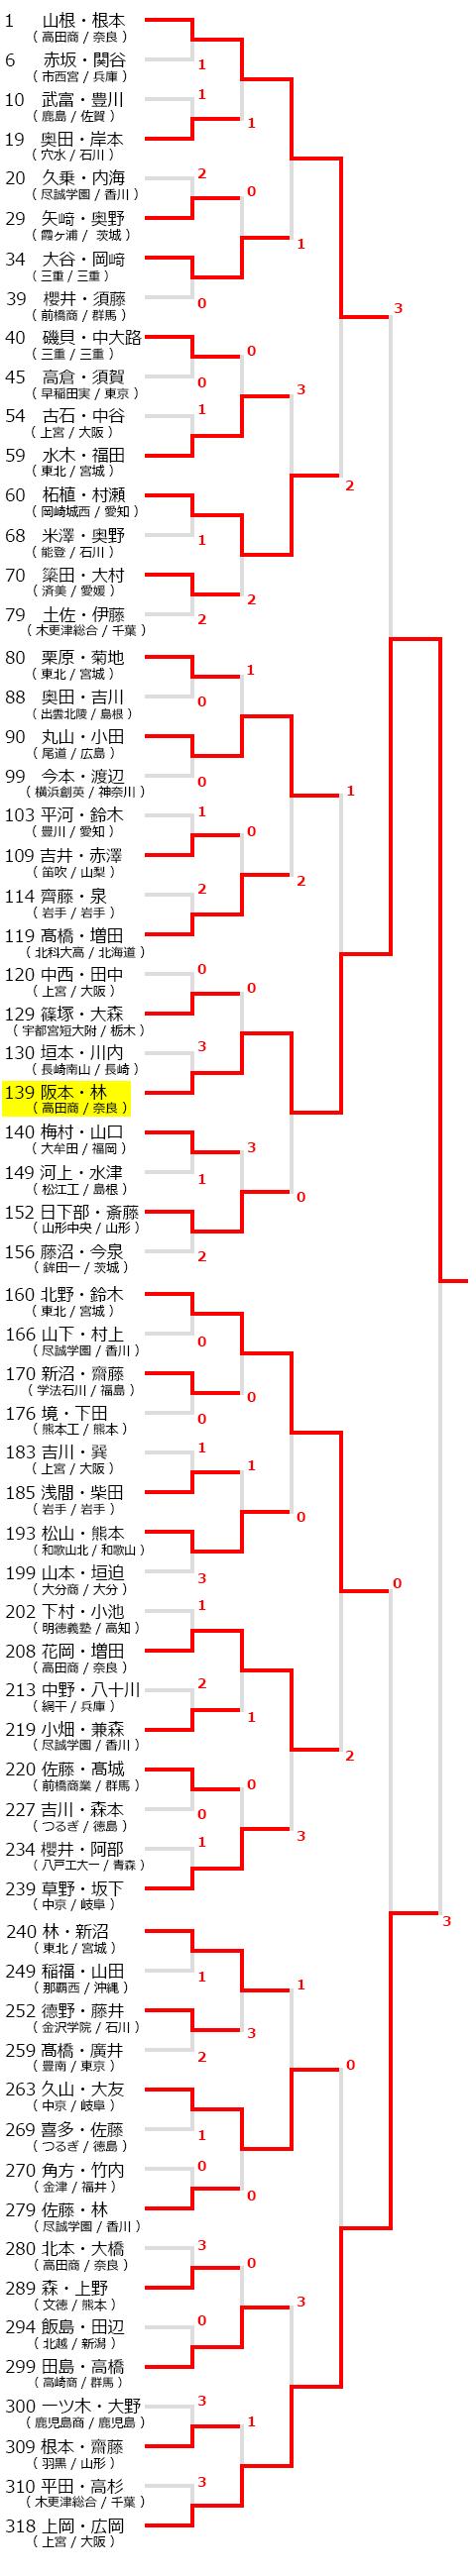 2017全国高等学校総合体育大会(インターハイ)ソフトテニス競技,試合結果